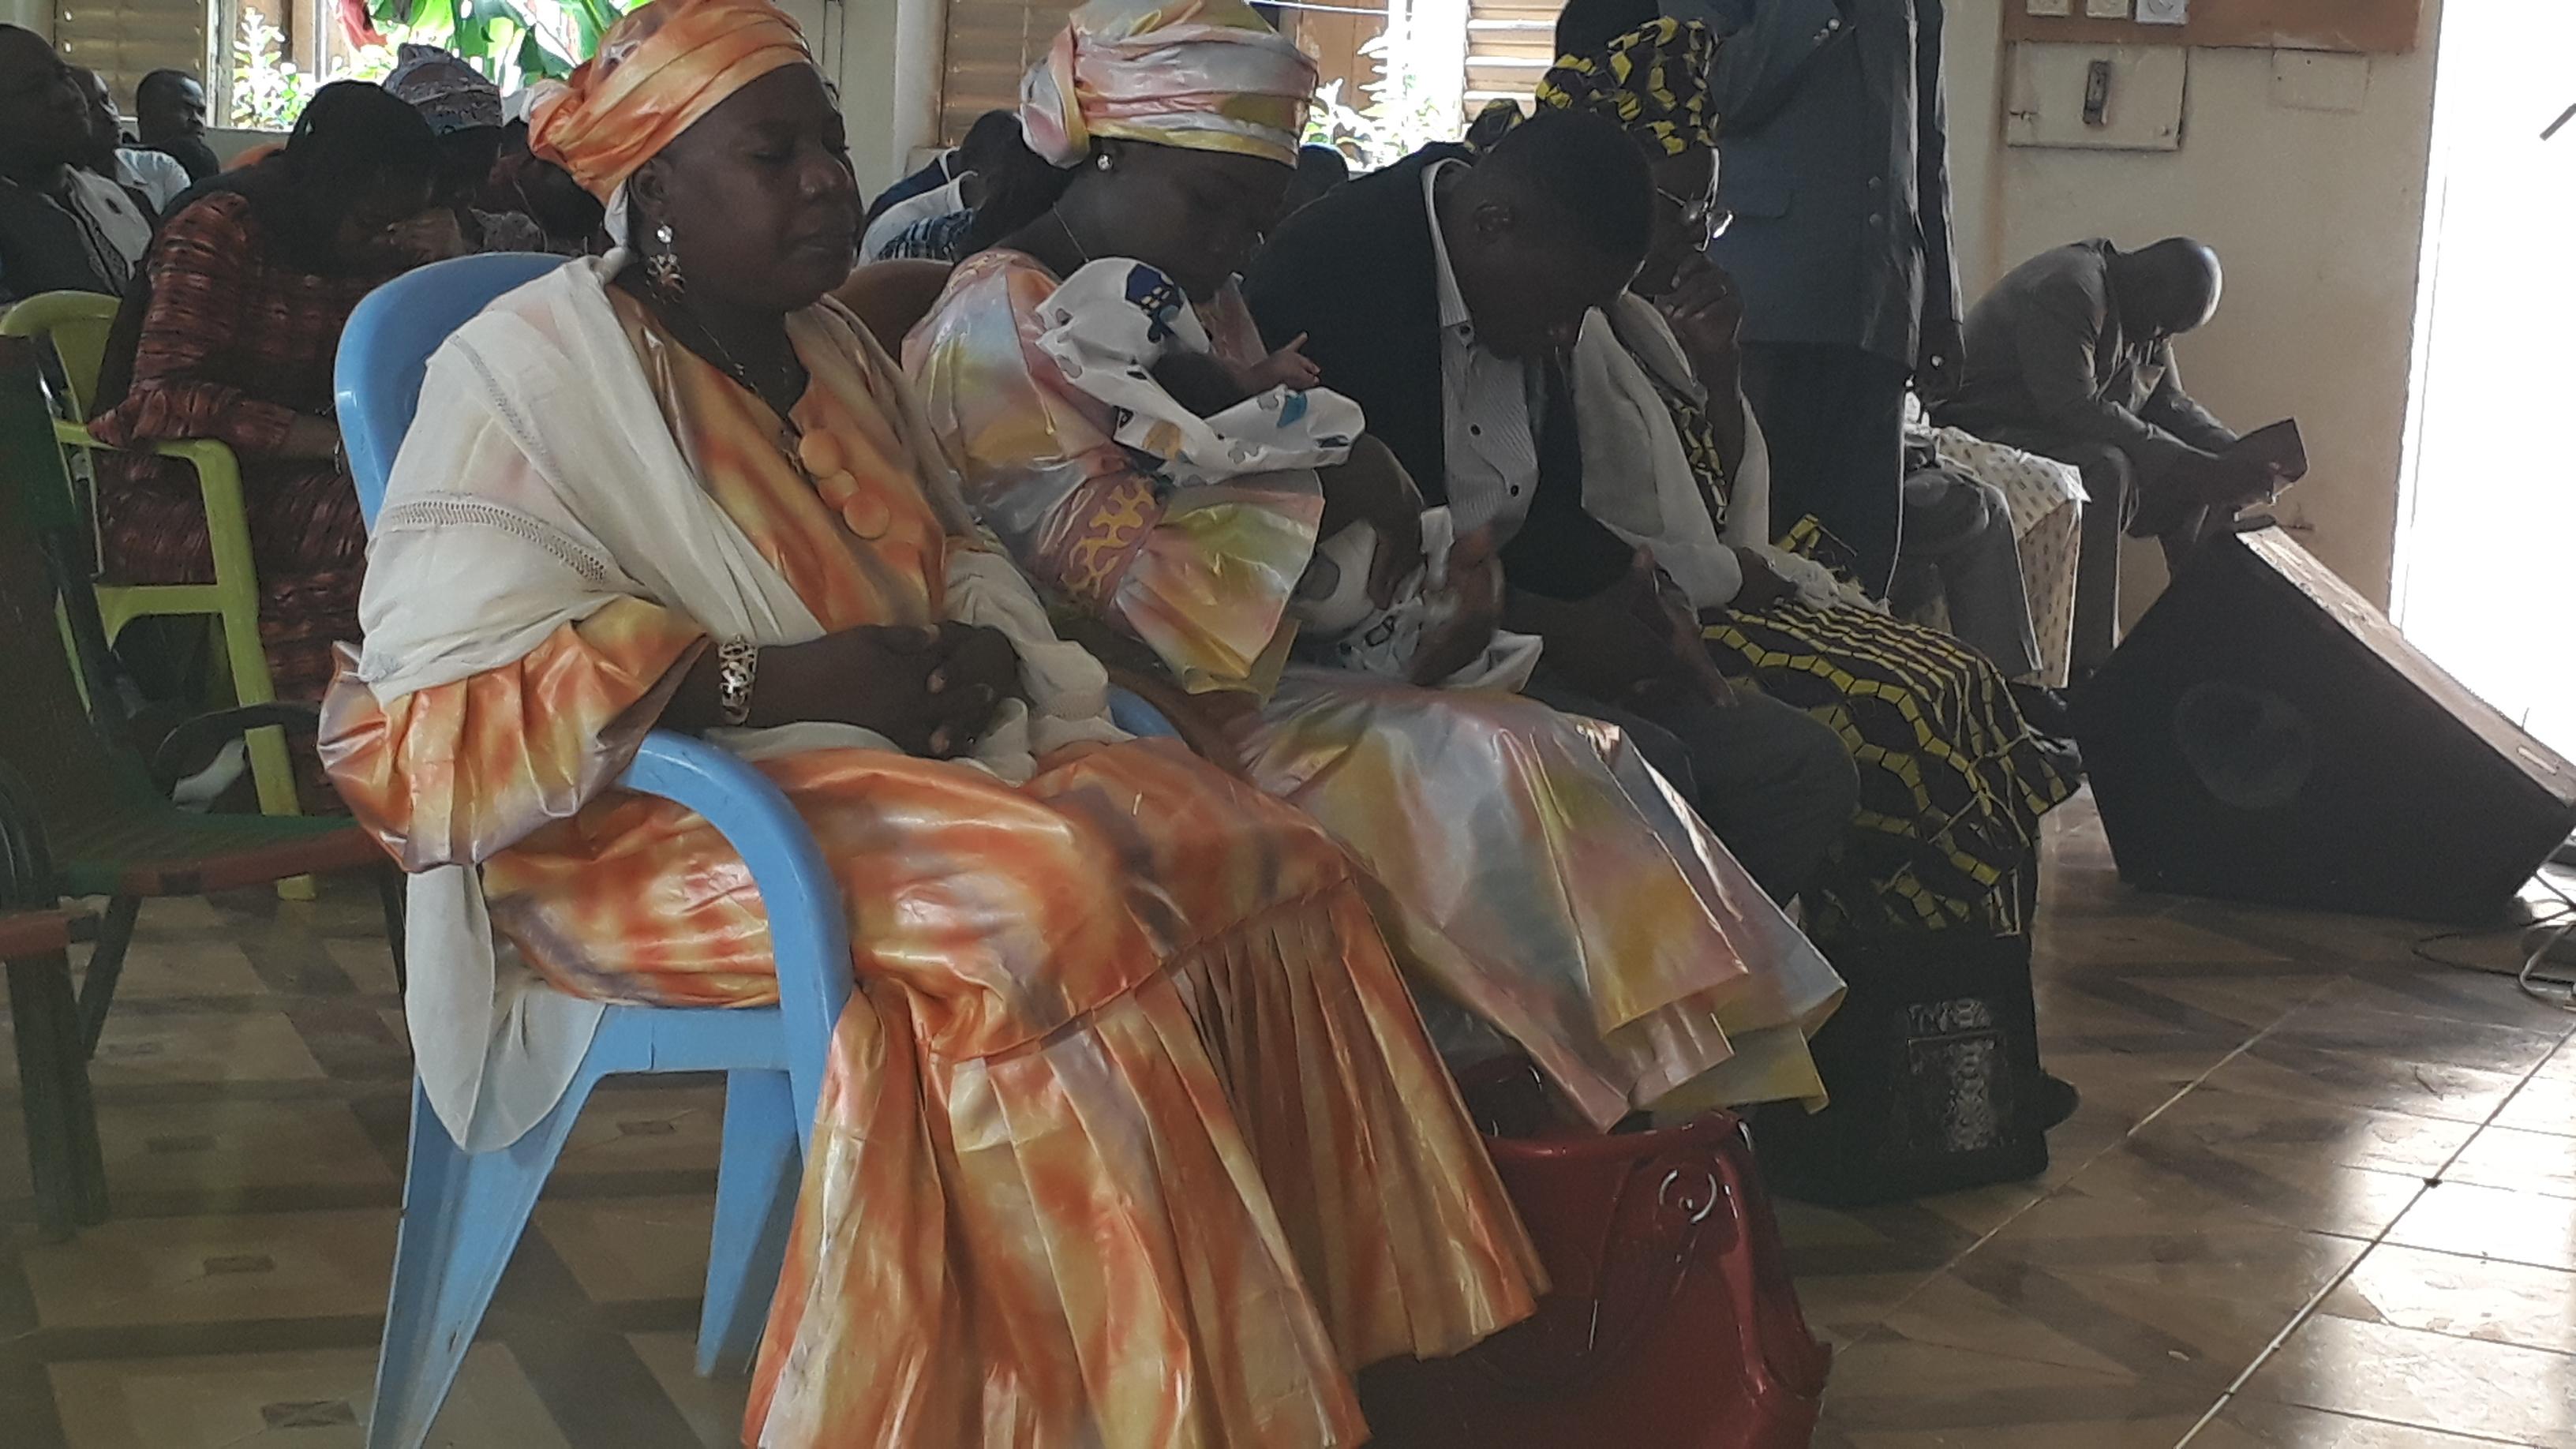 The family prays at Joshua's naming ceremony.